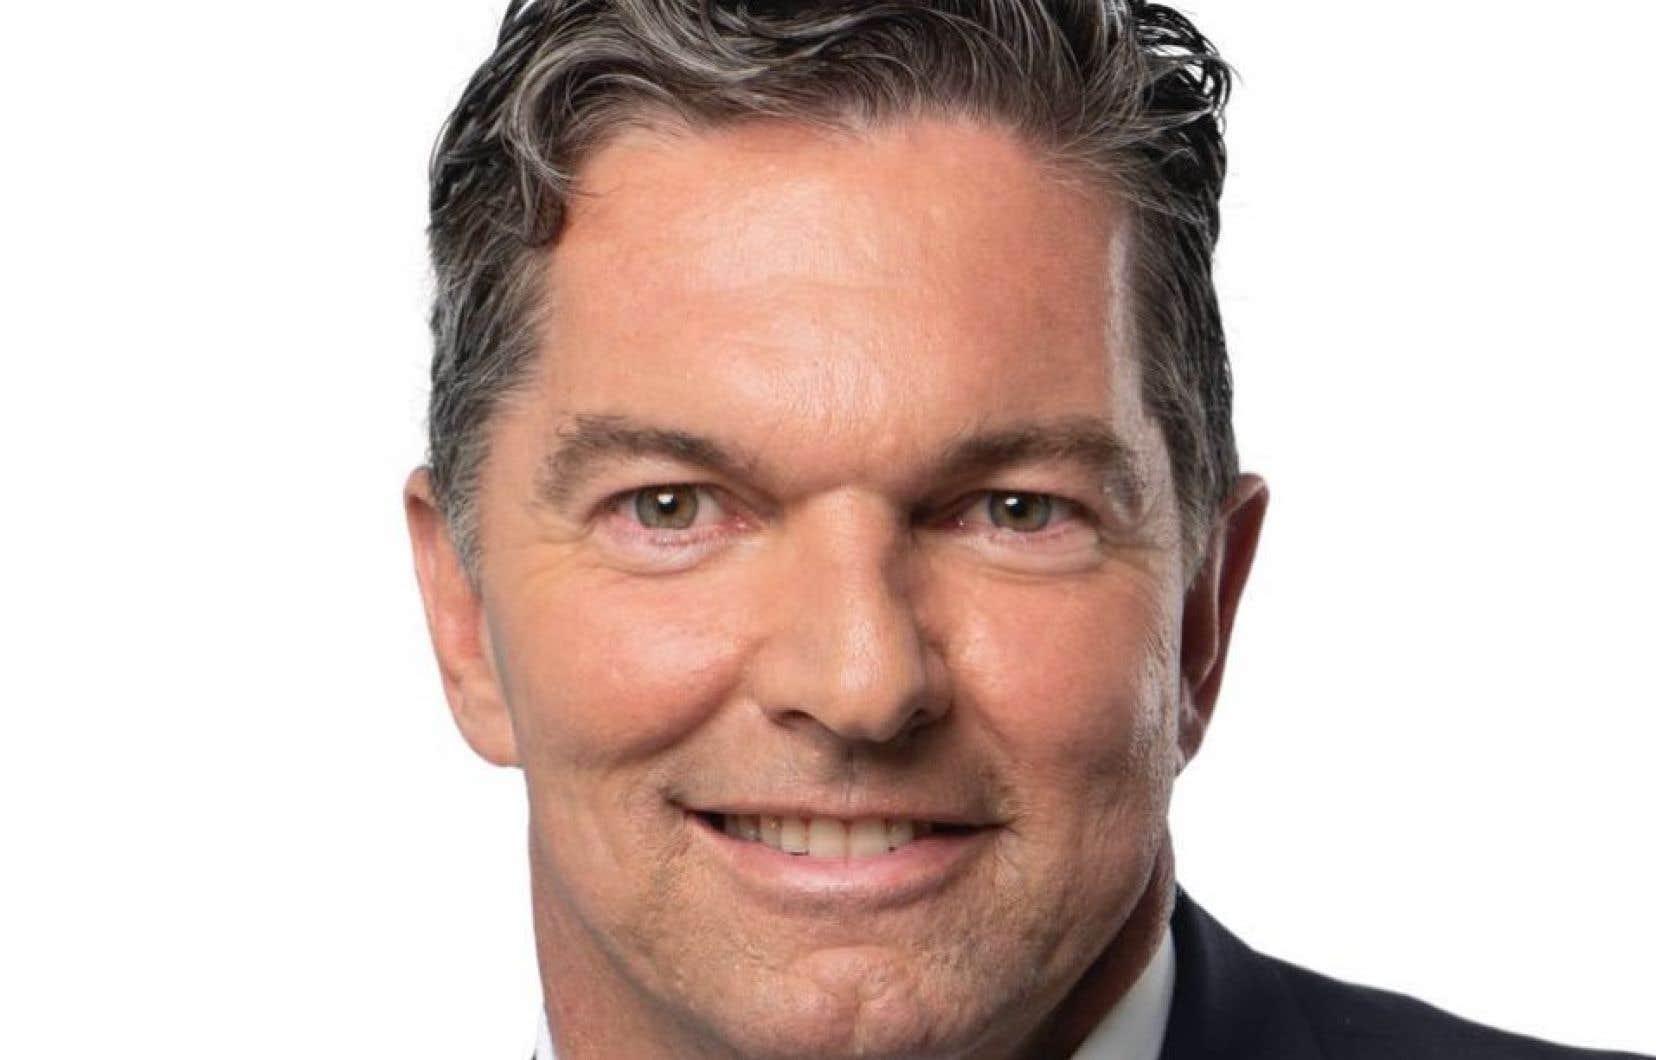 Le candidat Guy Leclair a plaidé coupable à des accusations de conduite avec facultés affaiblies en 2013.